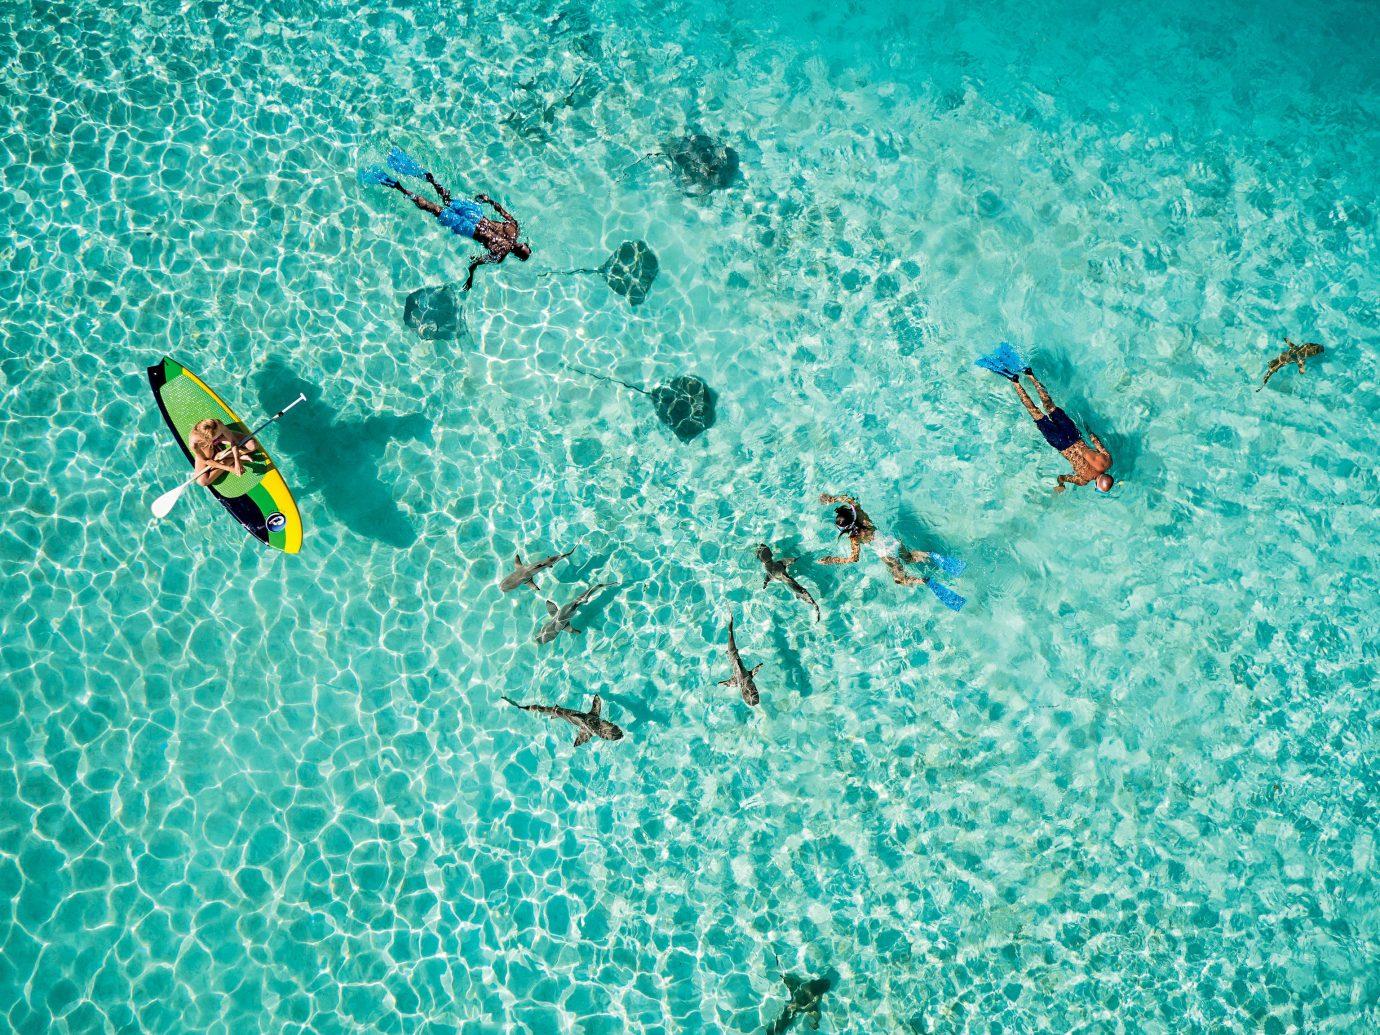 Cruise Travel Luxury Travel Trip Ideas water Sport aqua Sea organism underwater water sport turquoise marine biology Ocean sky swimming leisure reef snorkeling recreation swimming pool blue ocean floor